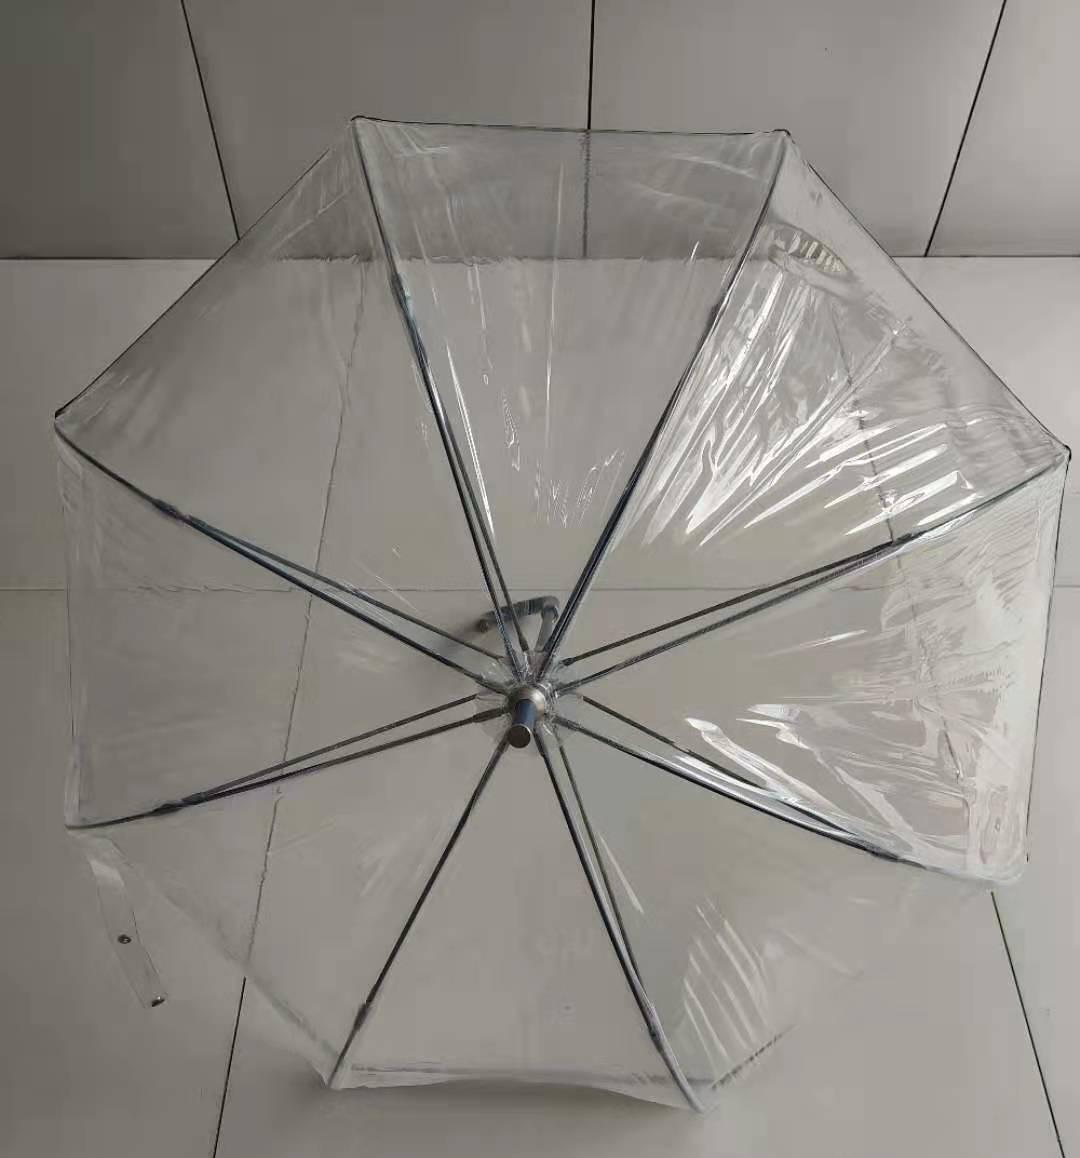 怎么才能批发到最便宜的雨伞